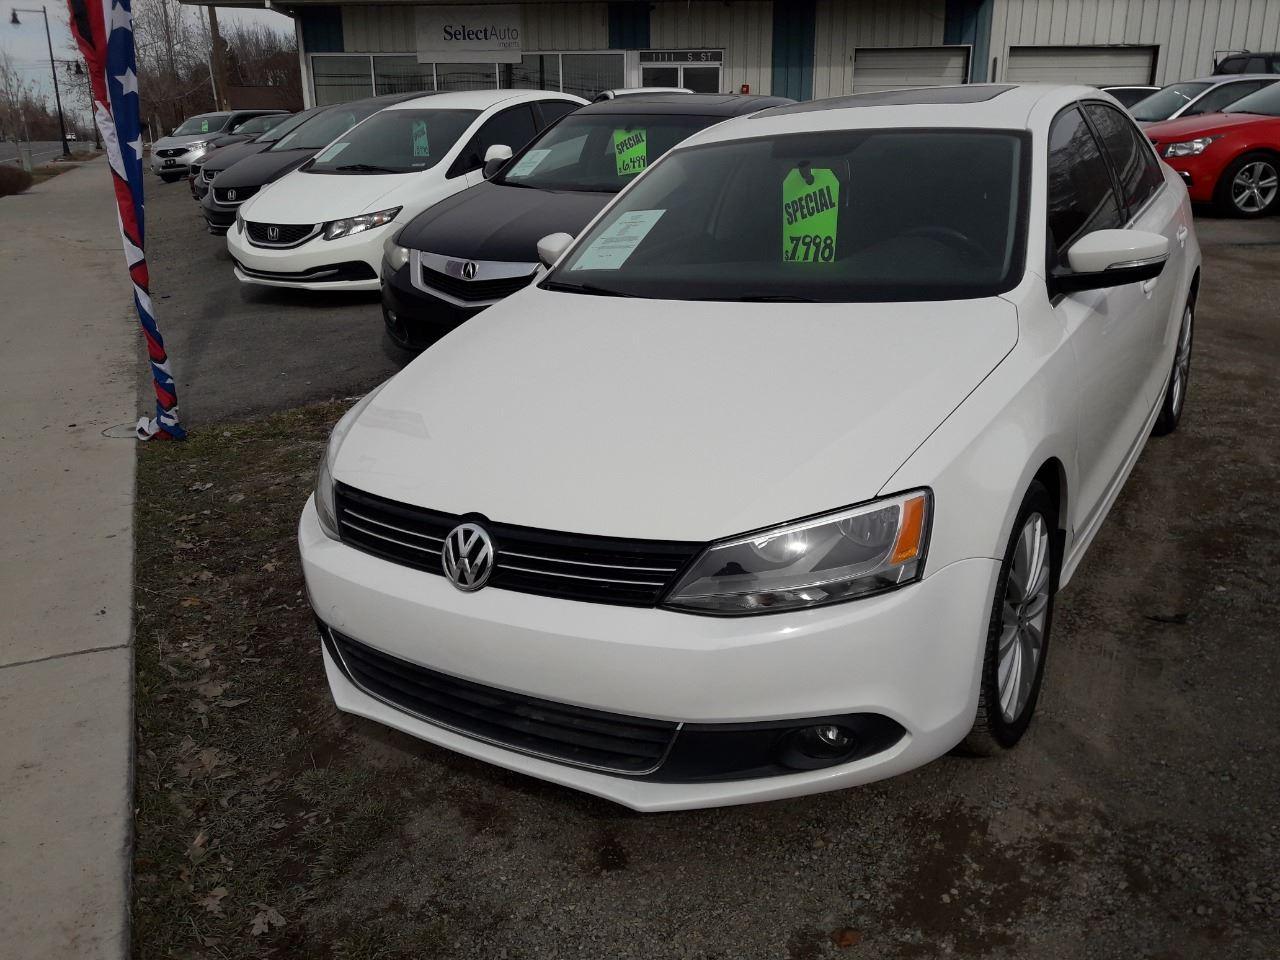 Select Auto Imports